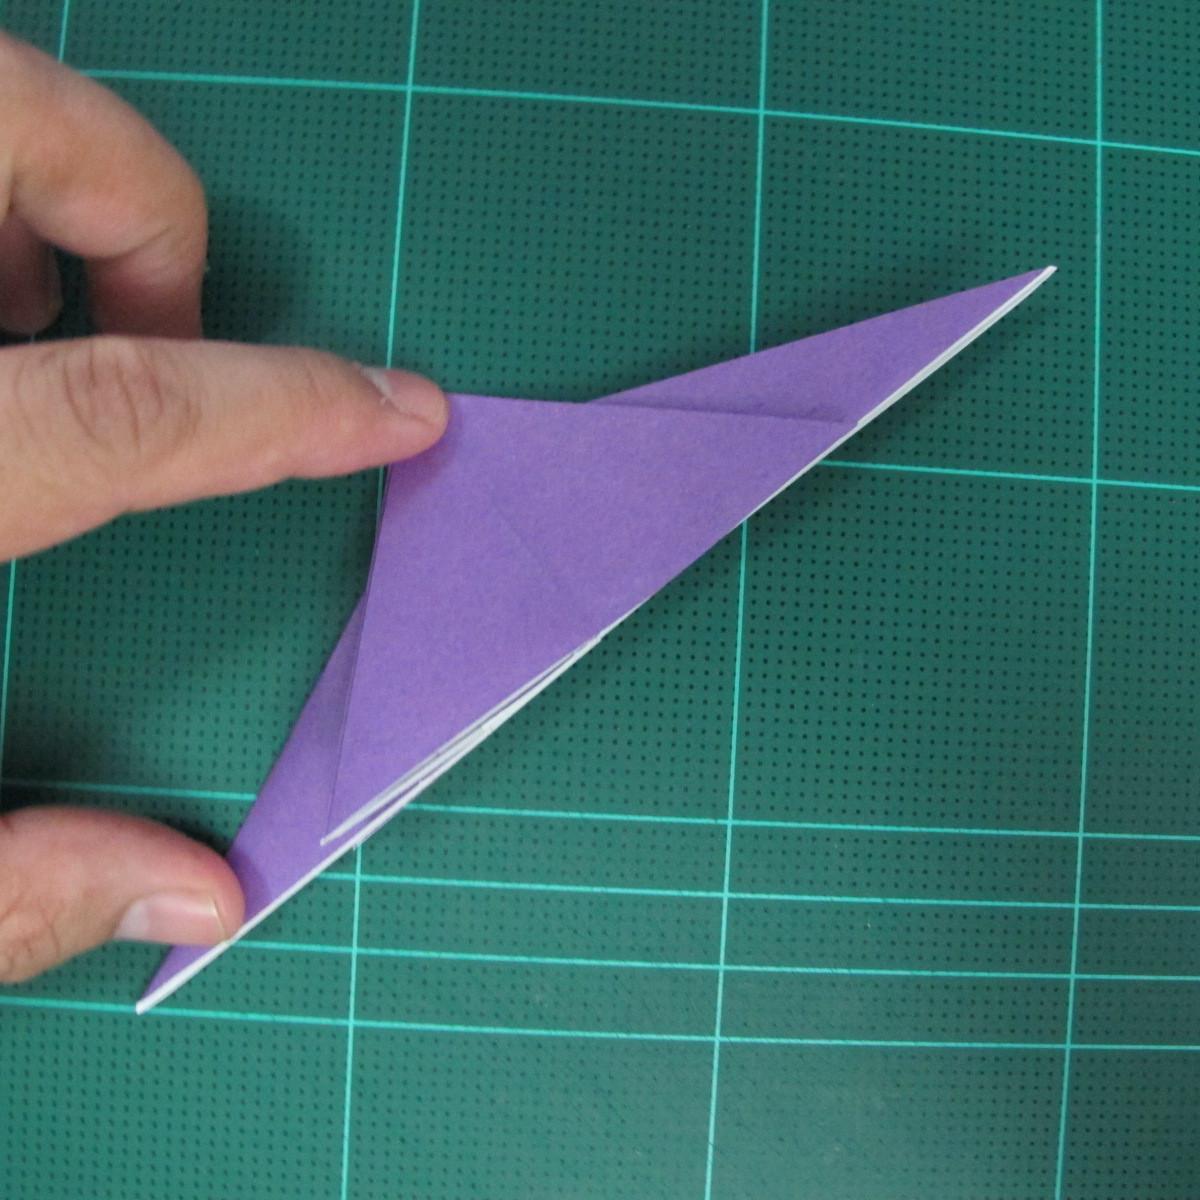 วิธีพับกระดาษเป็นรูปนกอินทรี (Origami Eagle) 002